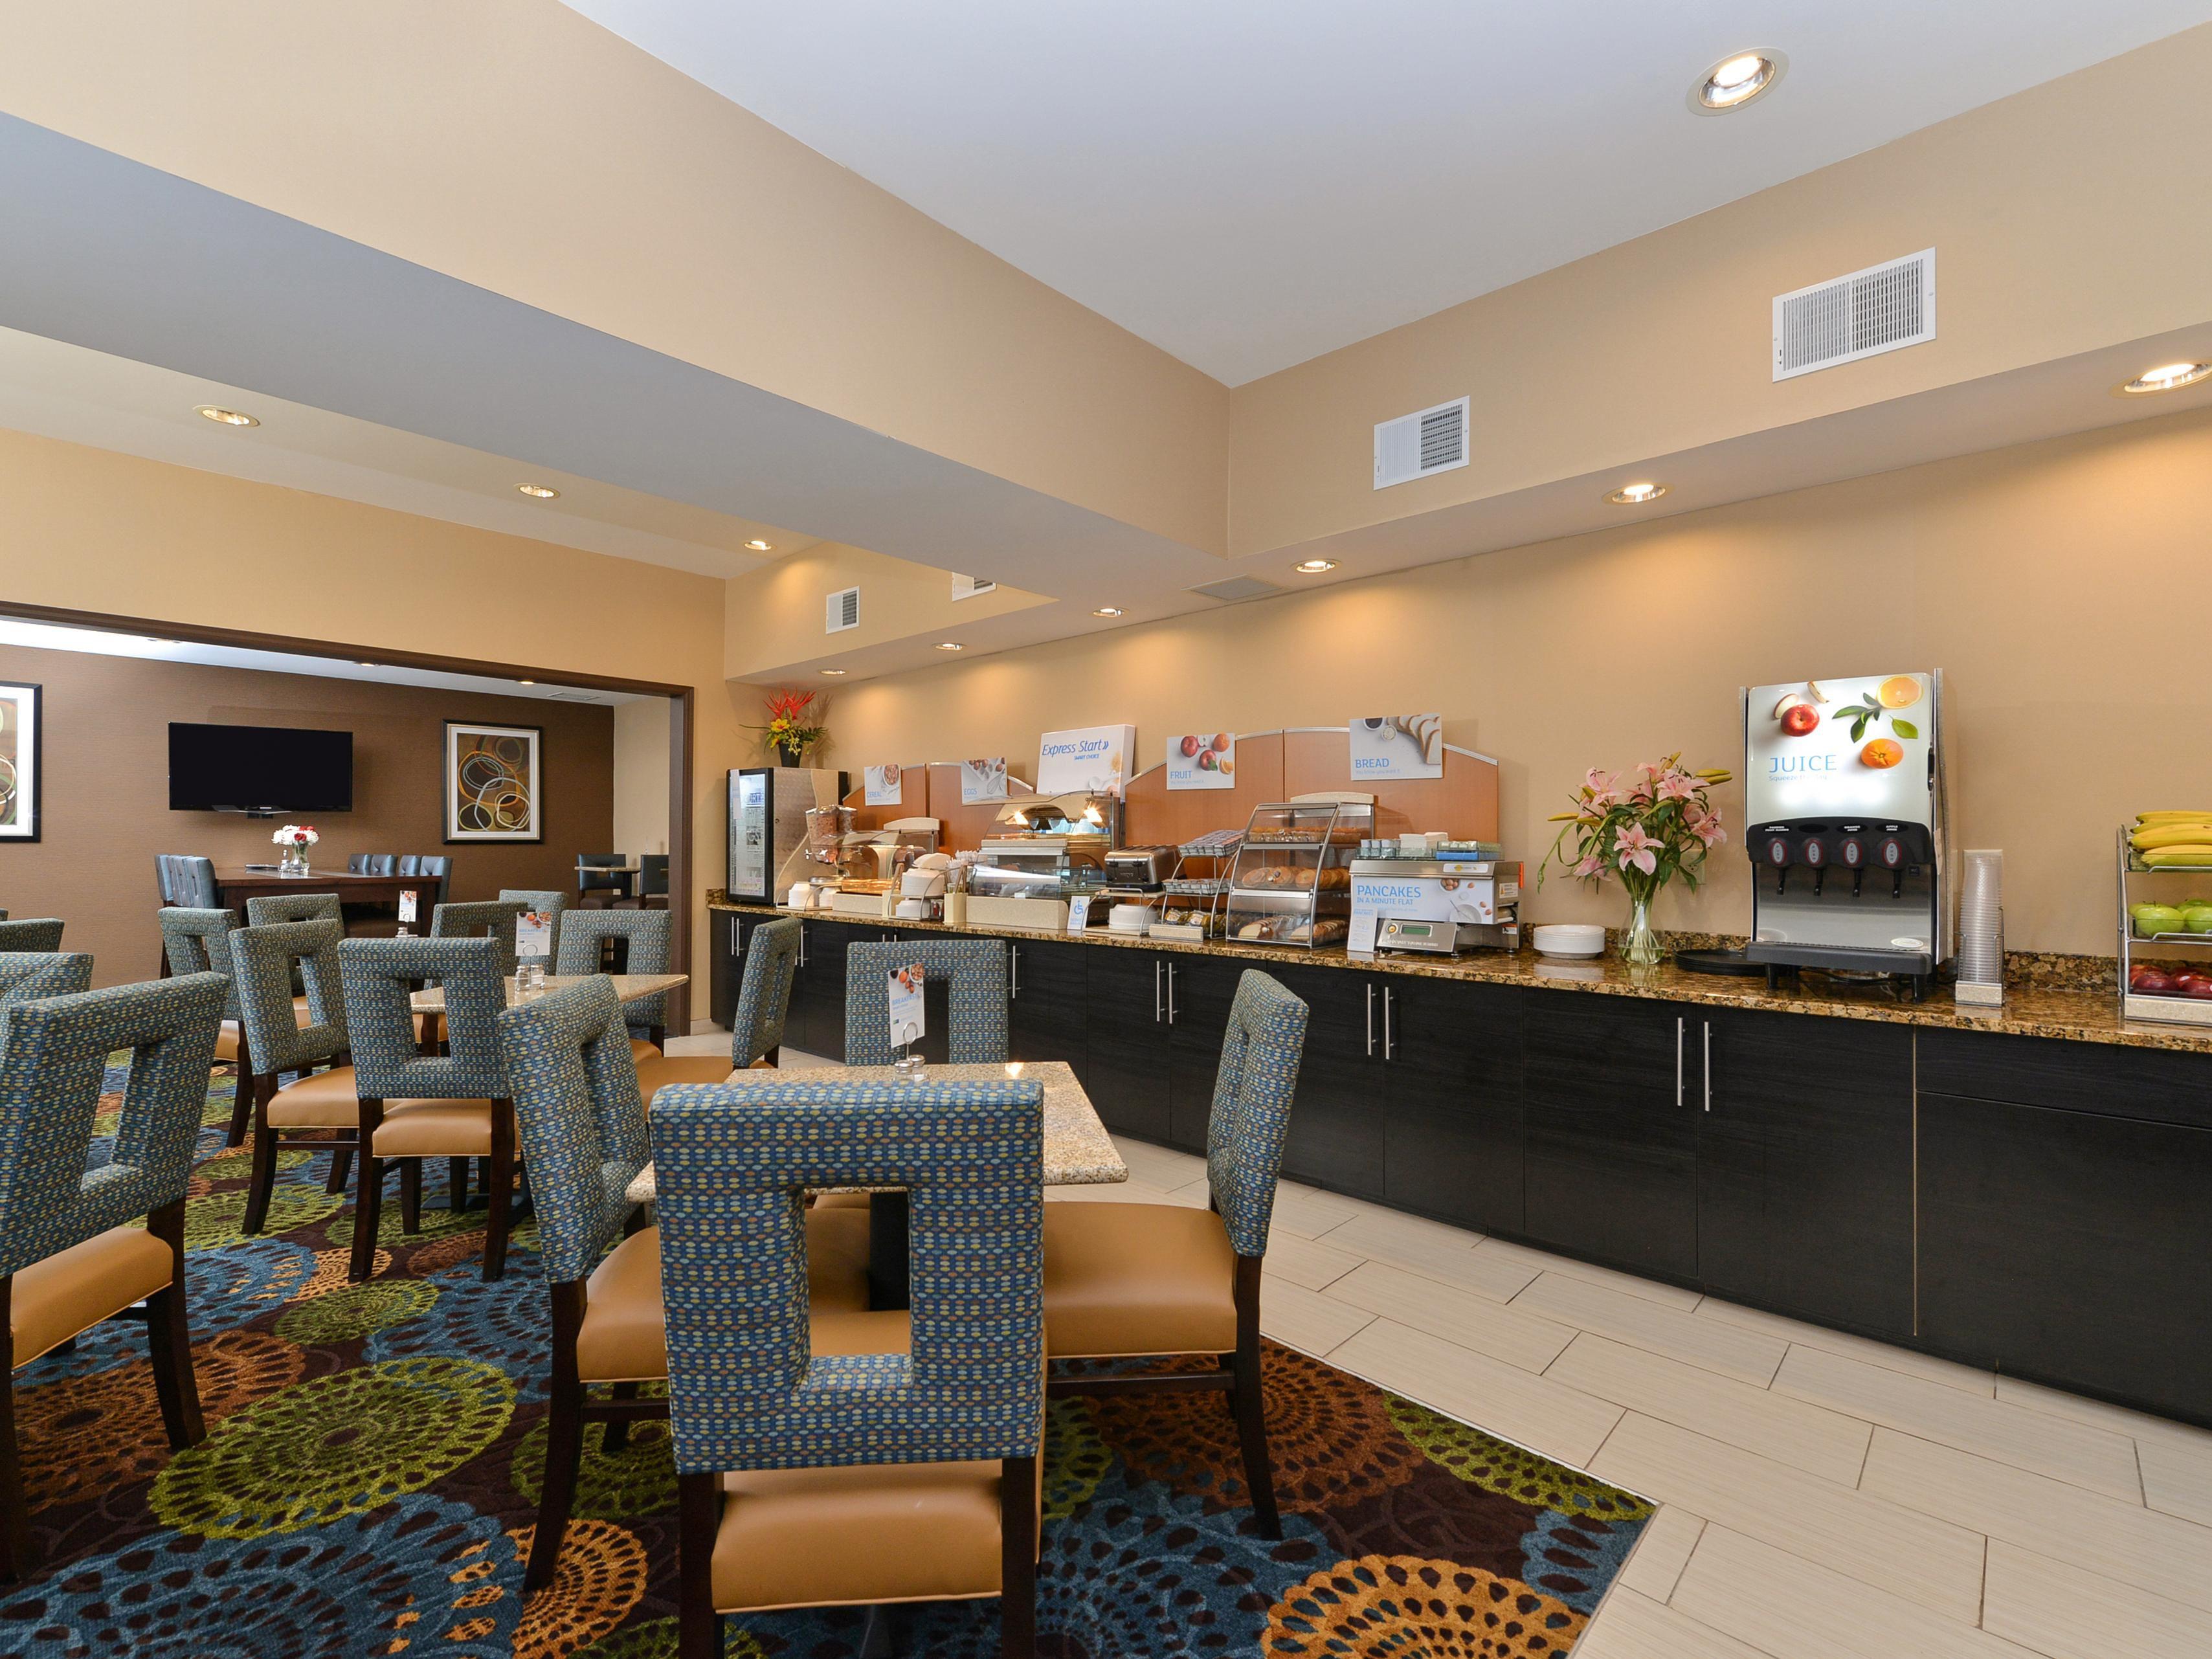 Breakfast Restaurants Inver Grove Heights